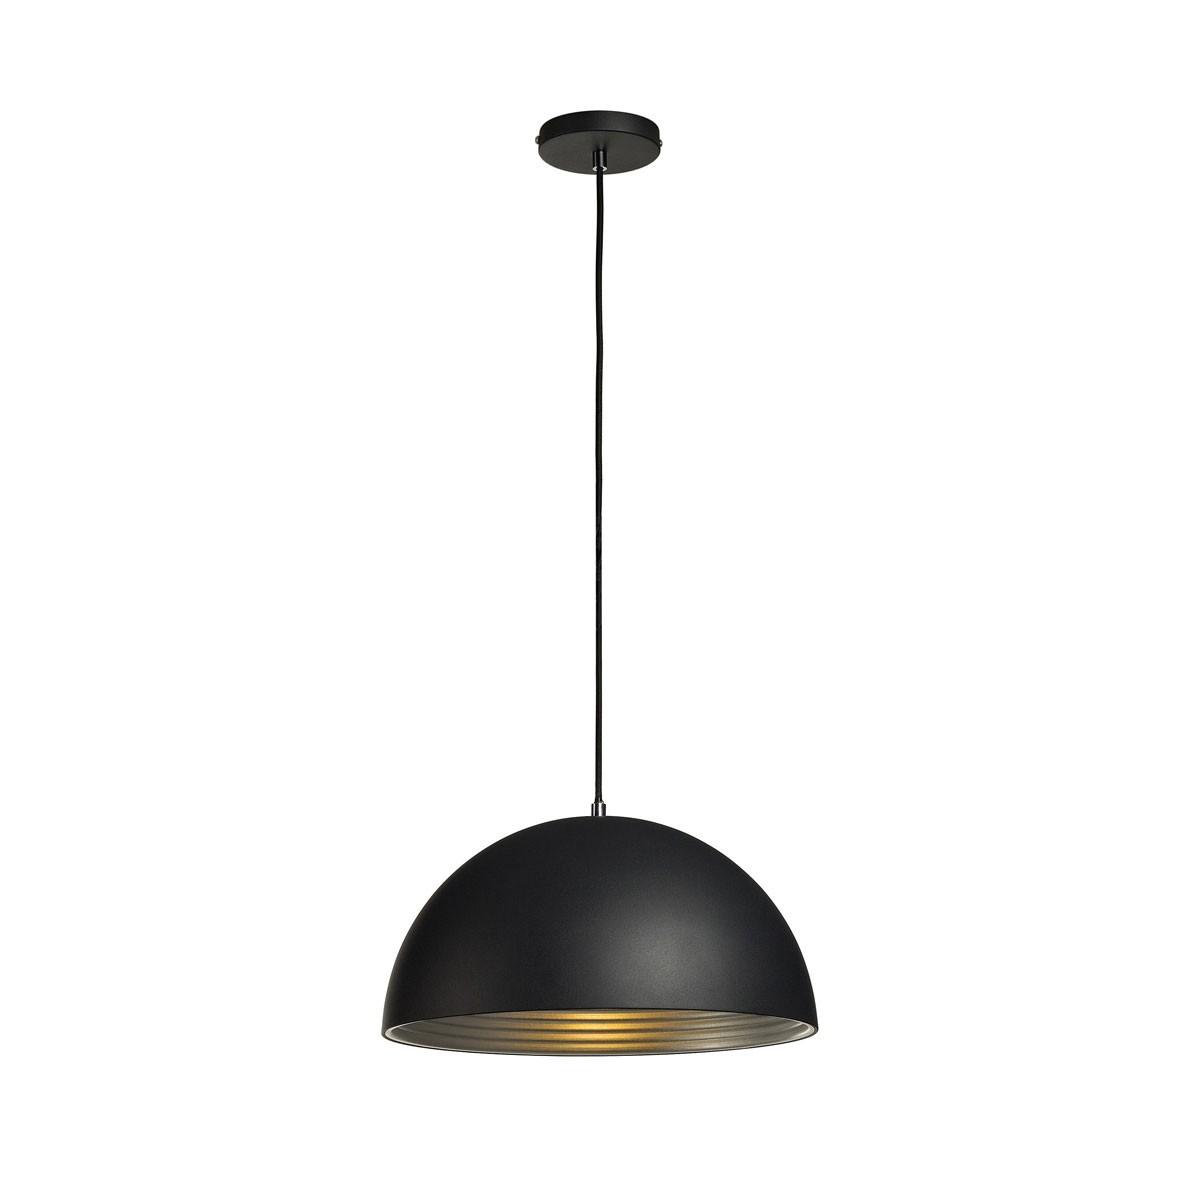 slv forchini m pd 2 pendelleuchte schwarz silber. Black Bedroom Furniture Sets. Home Design Ideas